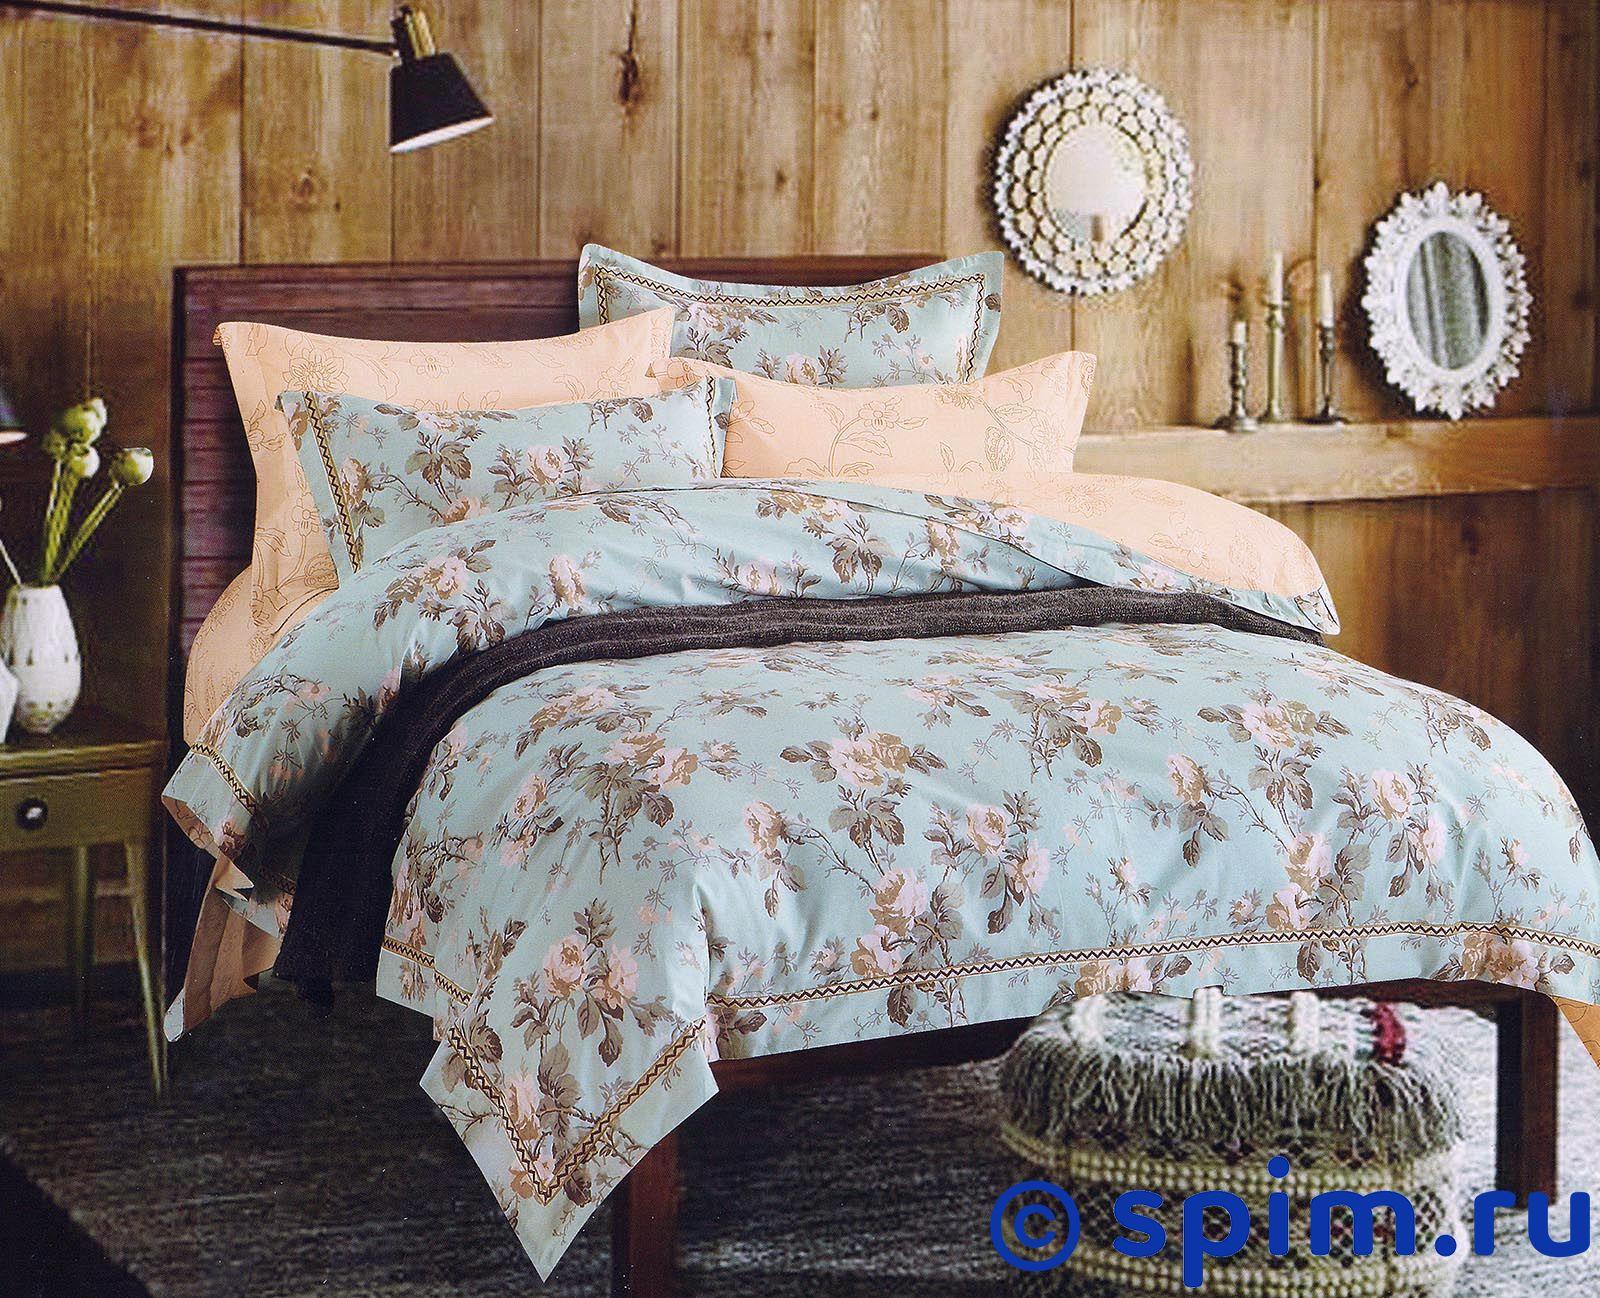 Постельное белье Sofi De Marko Лакоста, персиковый Евро-стандарт постельное белье sofi de marko патриция пудра евро стандарт